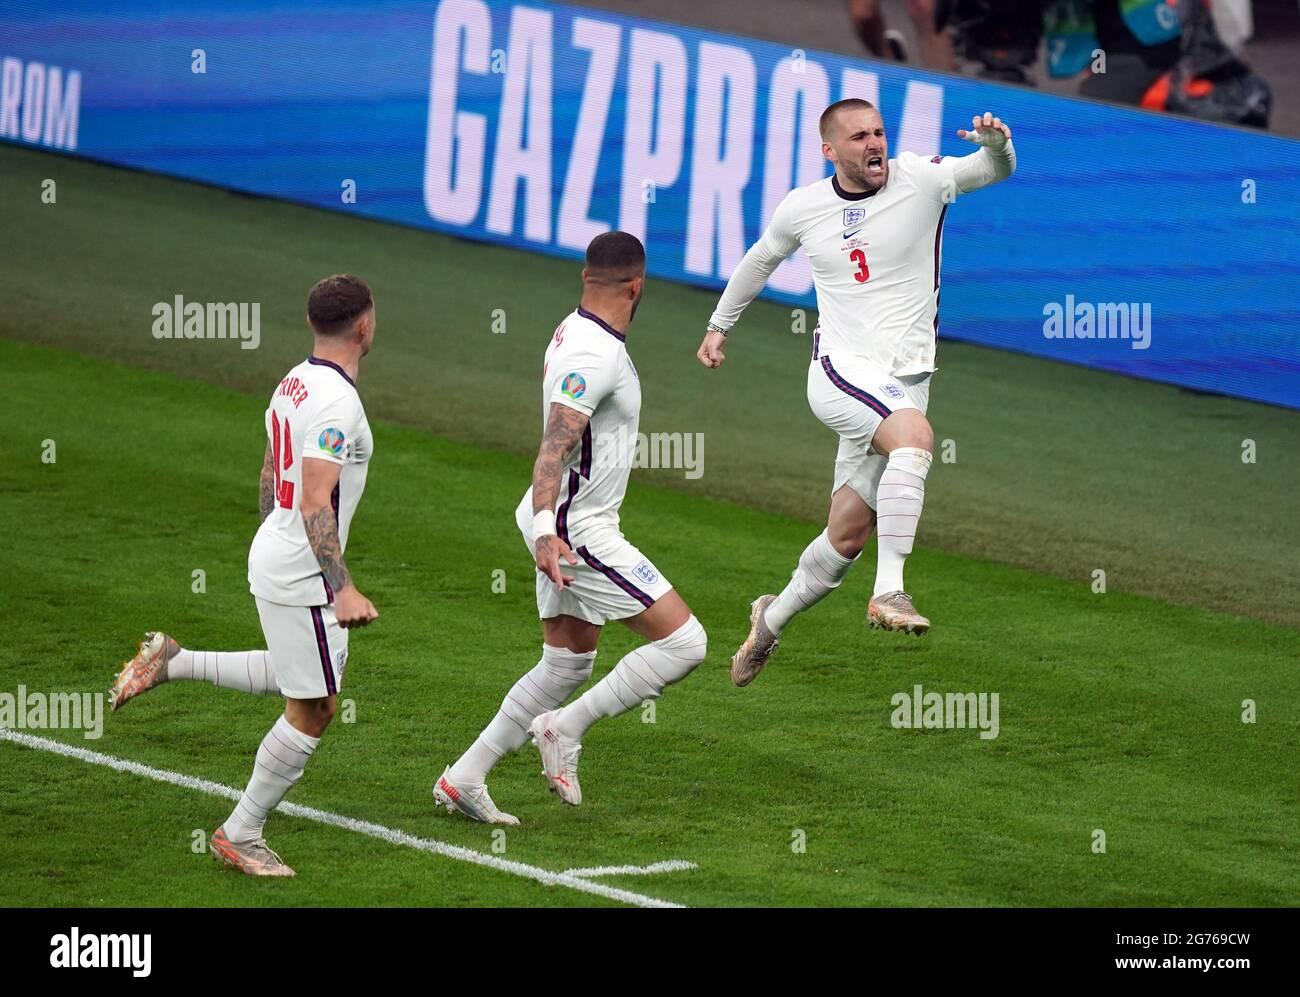 L'inglese Luke Shaw celebra il gol di apertura durante la finale UEFA Euro 2020 al Wembley Stadium di Londra. Data immagine: Domenica 11 luglio 2021. Foto Stock